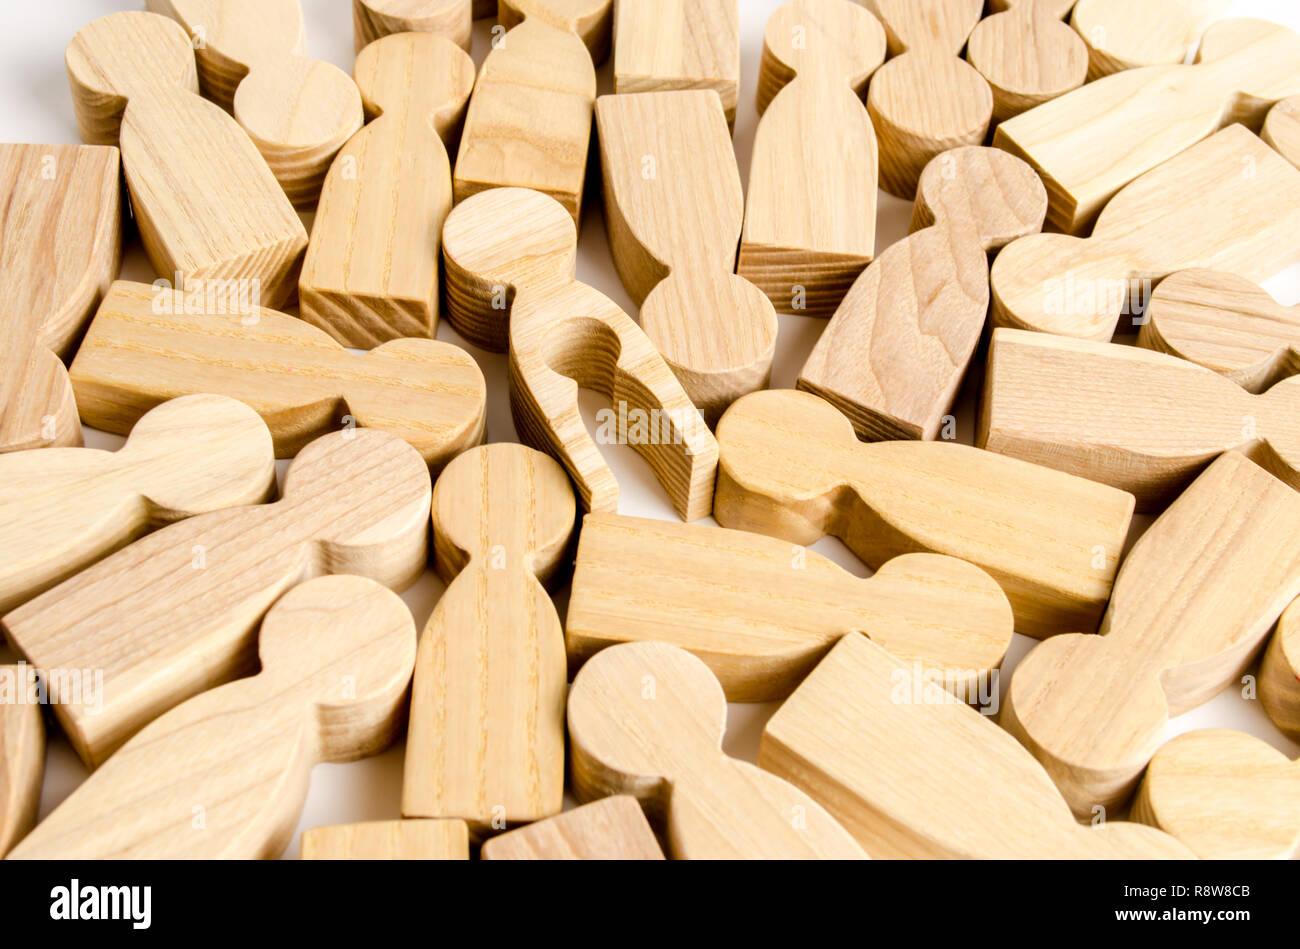 Childless Family Stock Photos & Childless Family Stock